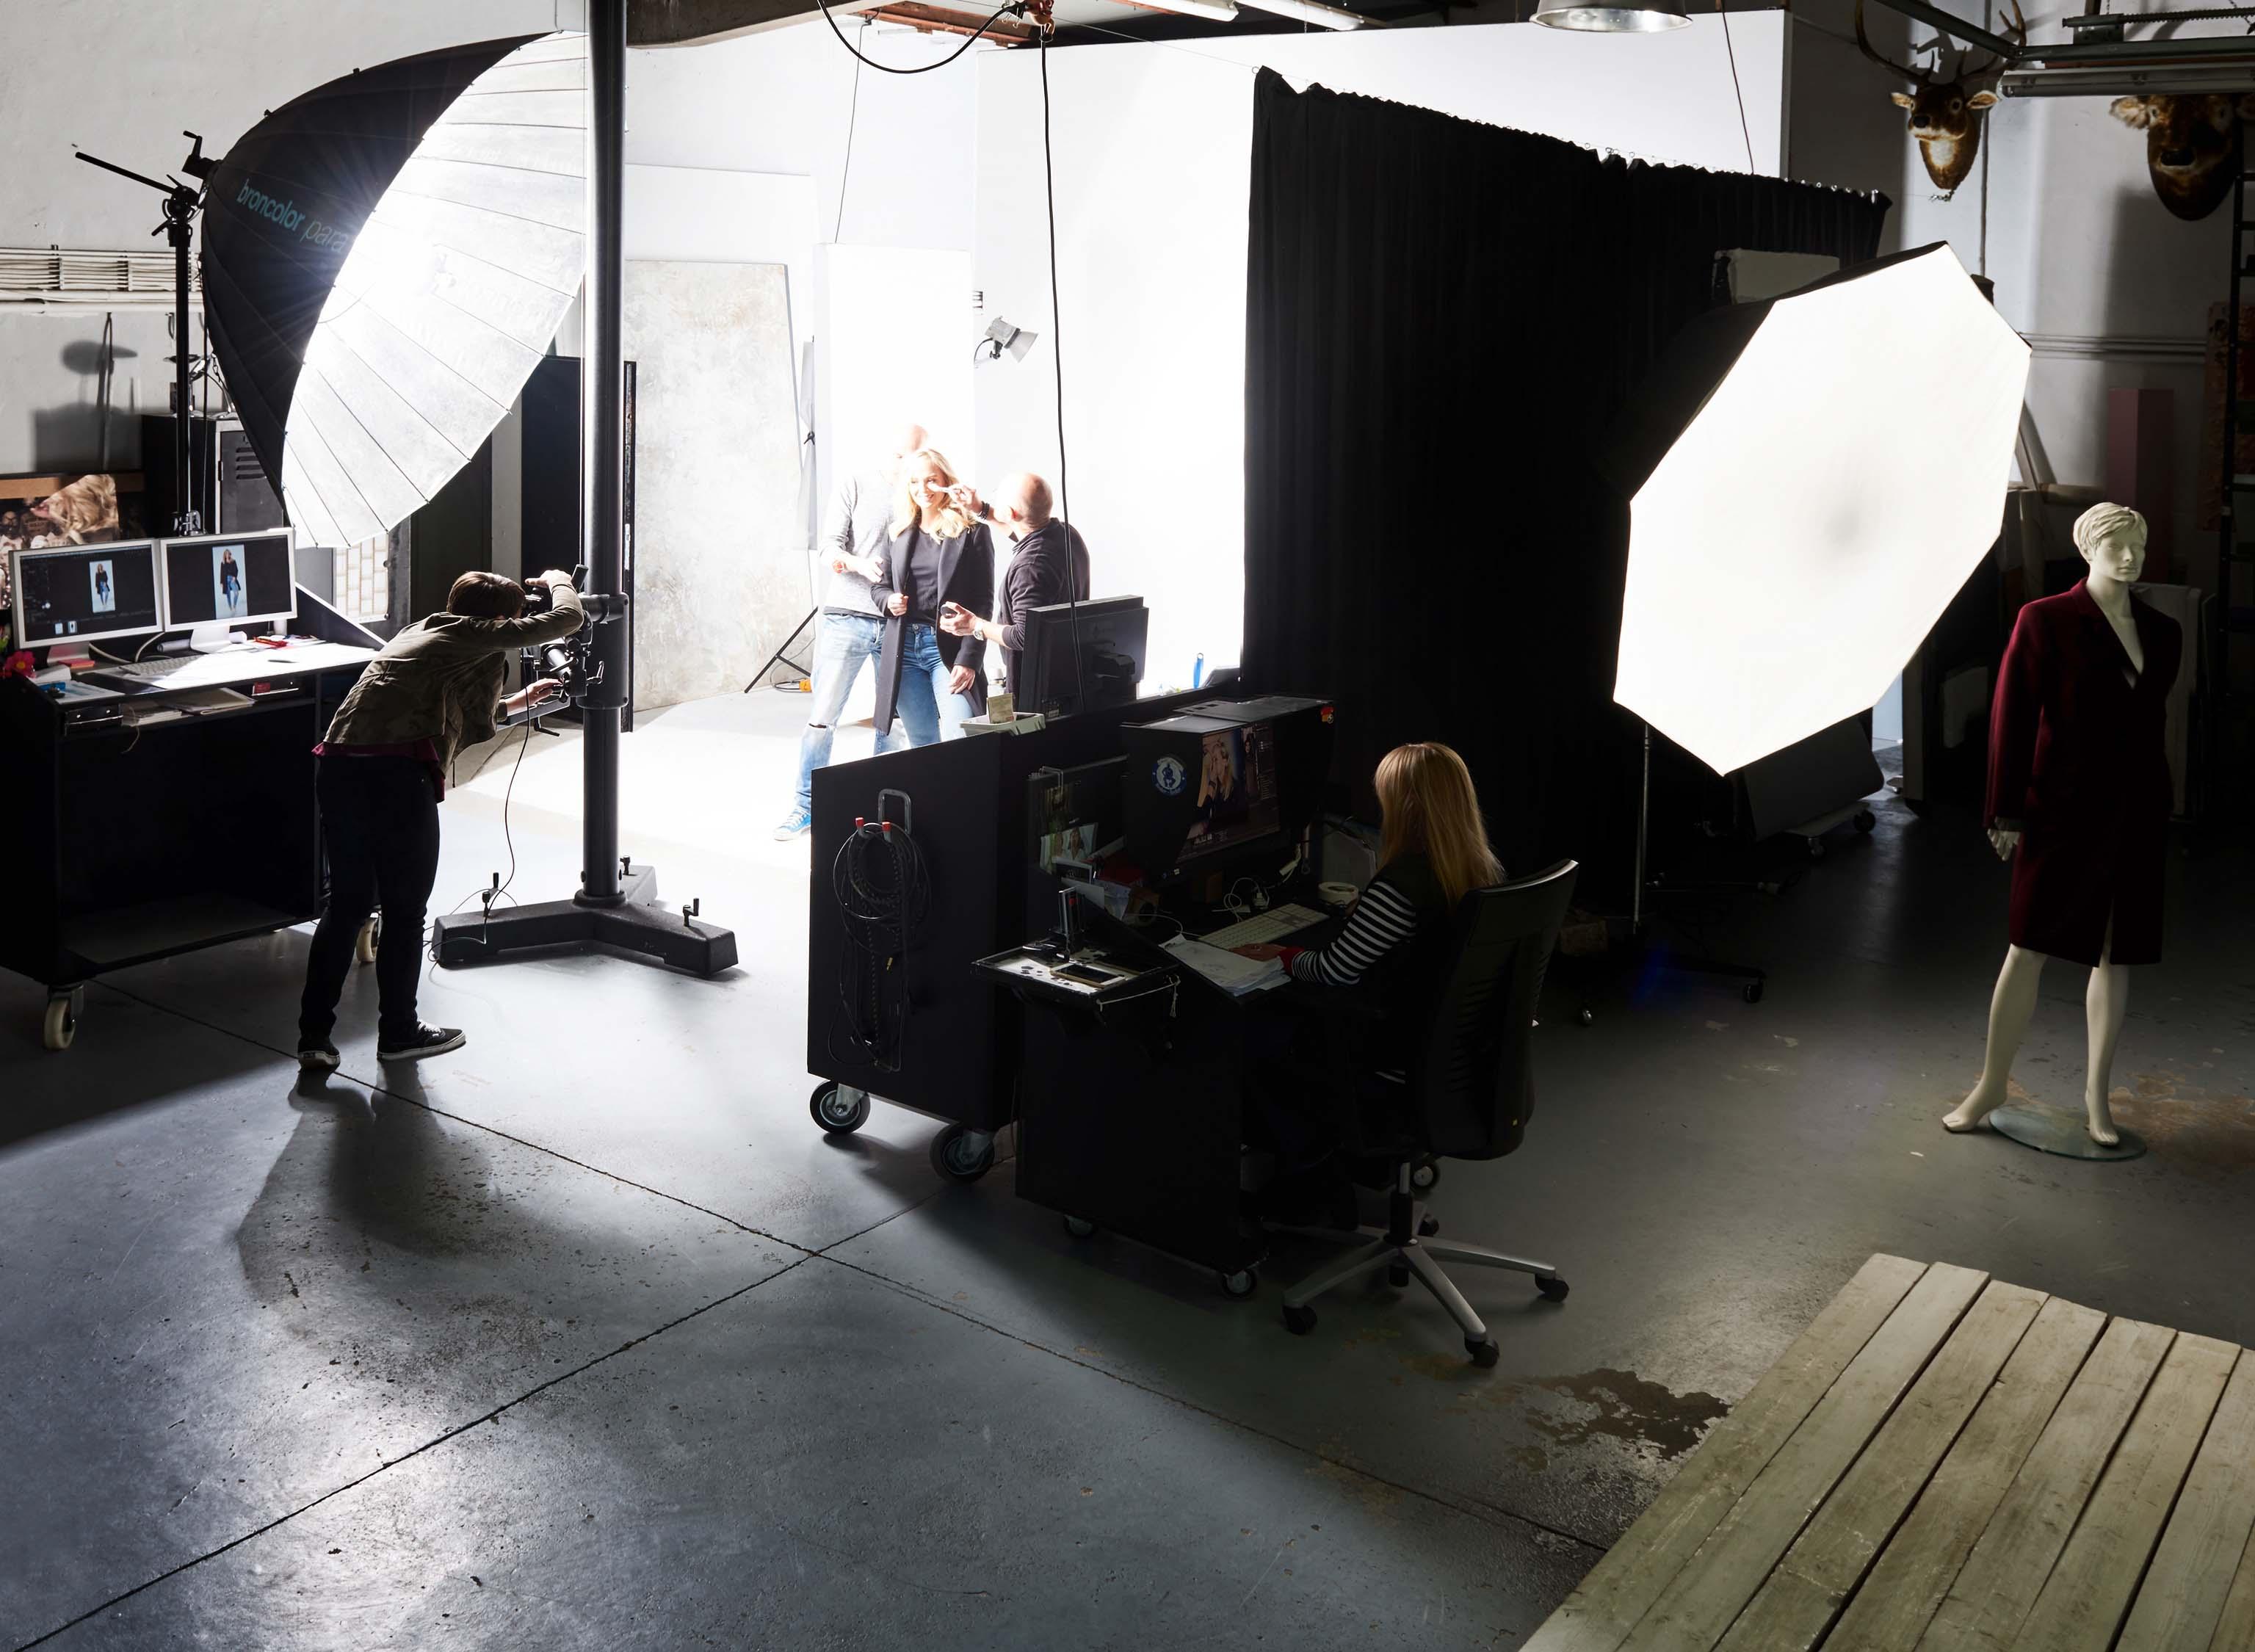 Werbefotografie Studio 51 | Indoorstdio